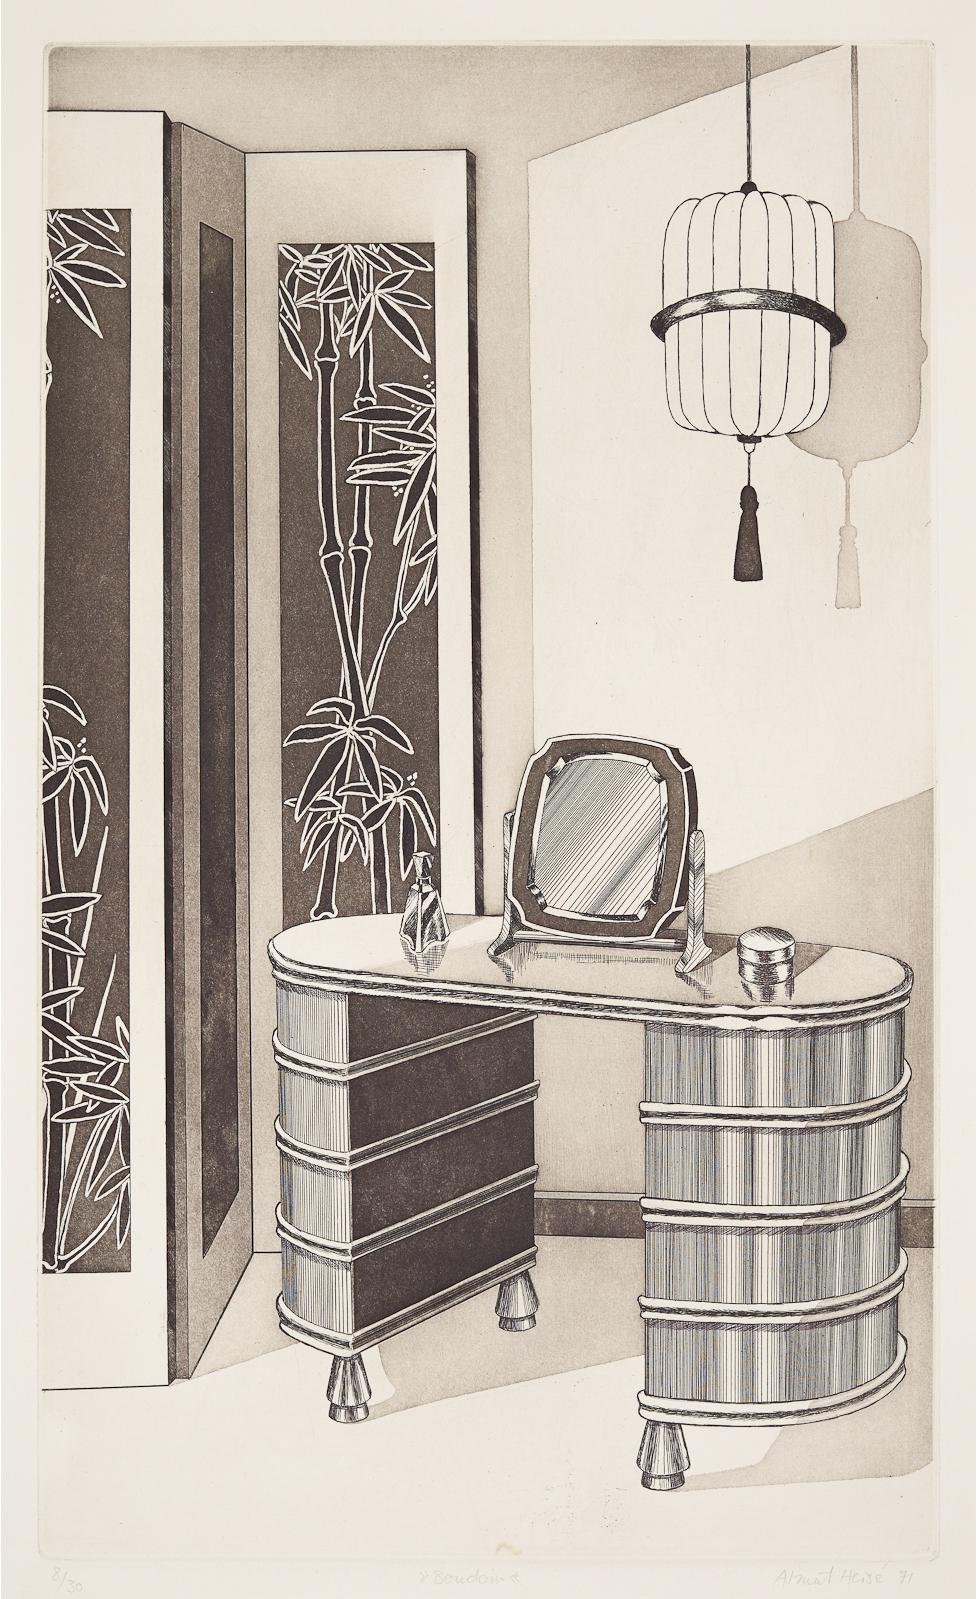 Almut Heise    Boudoir . 1971 Strichätzung, Aquatinta . 51 x 31 cm Auflage 30 . s  igniert und datiert  1.000 Euro